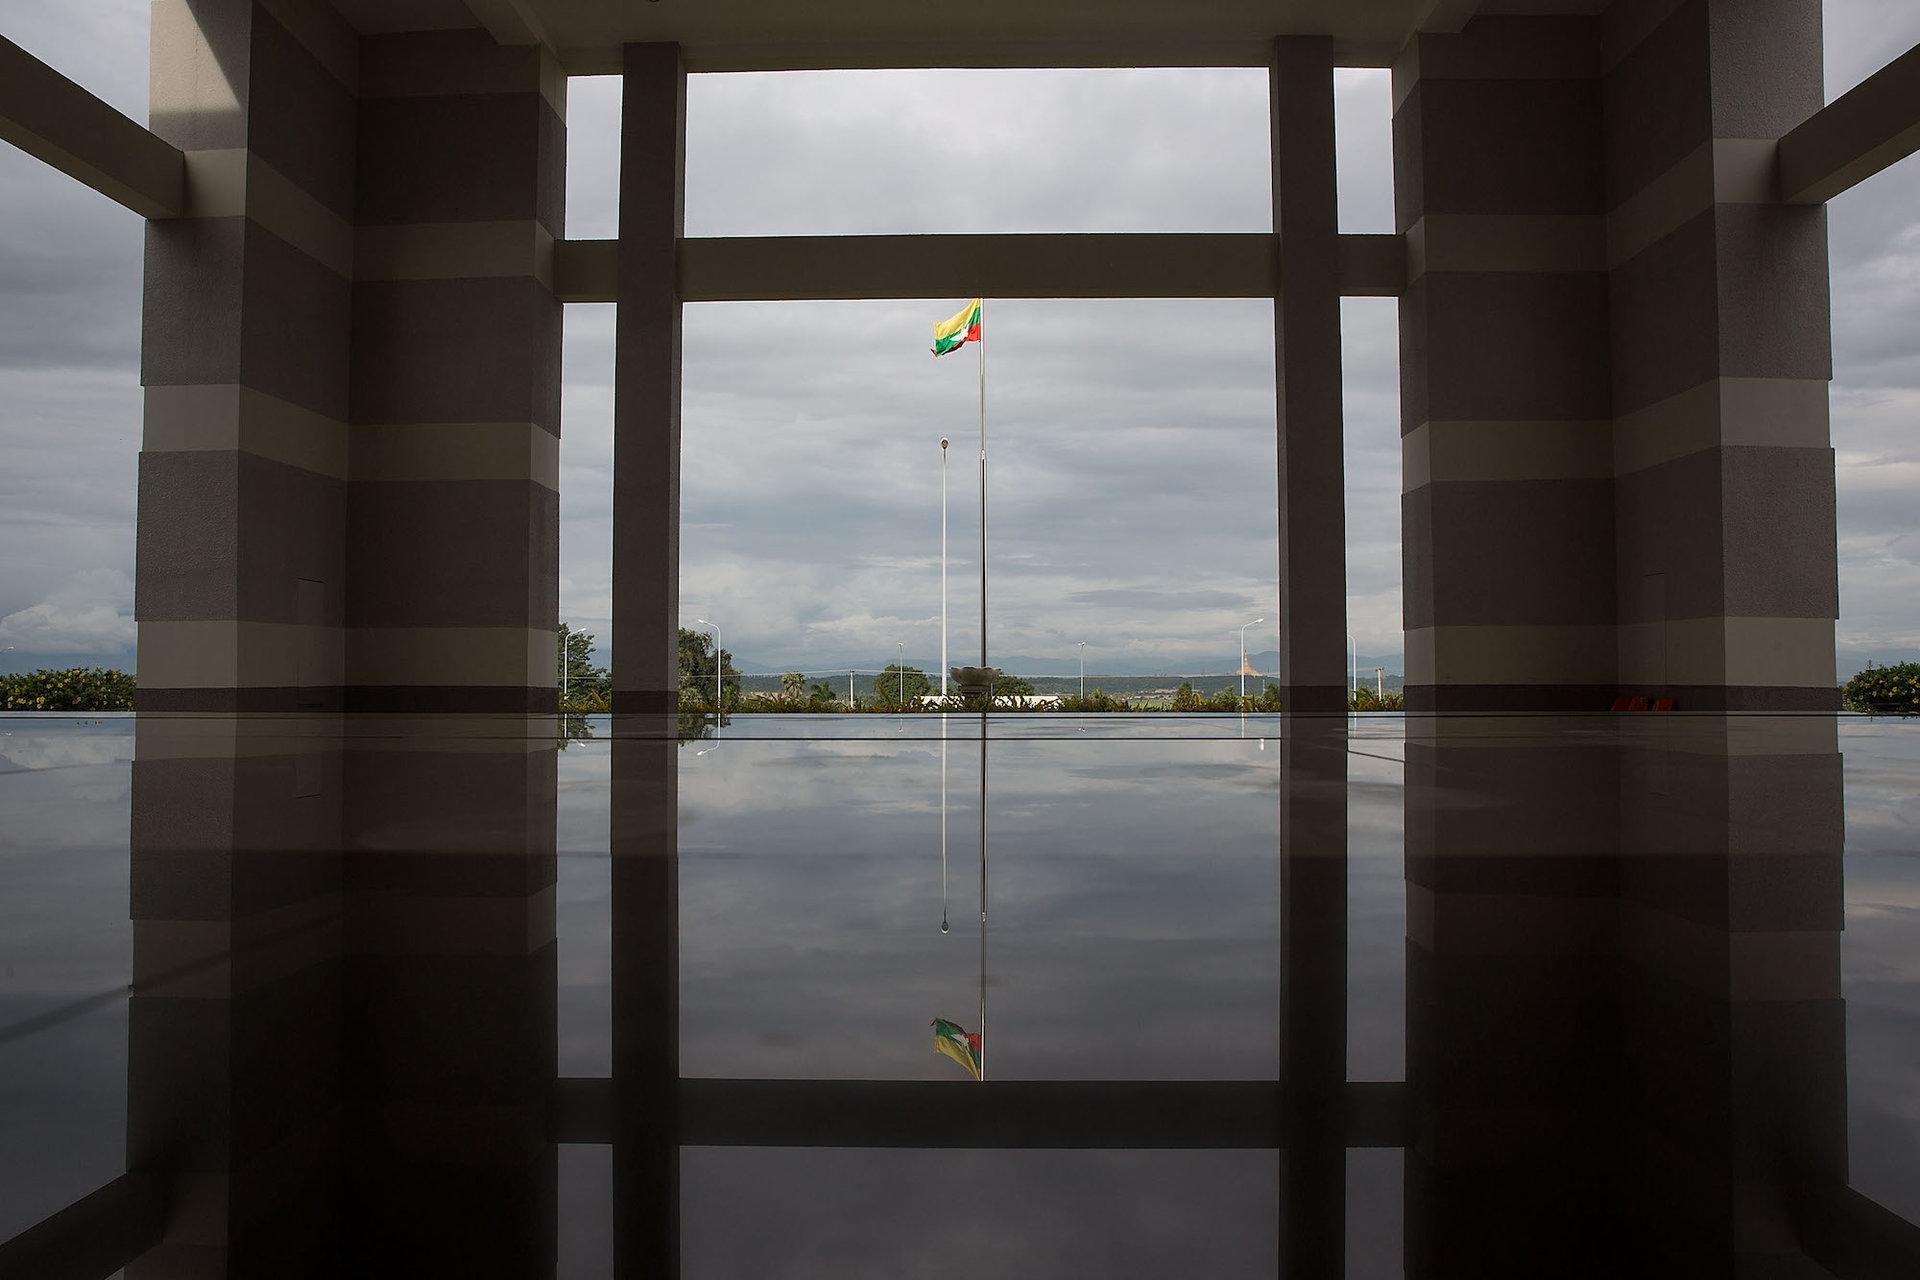 نمایی از پرچم برمه در حیاط موزه ملی شهر که هیچ بازدیدکننده ای ندارد